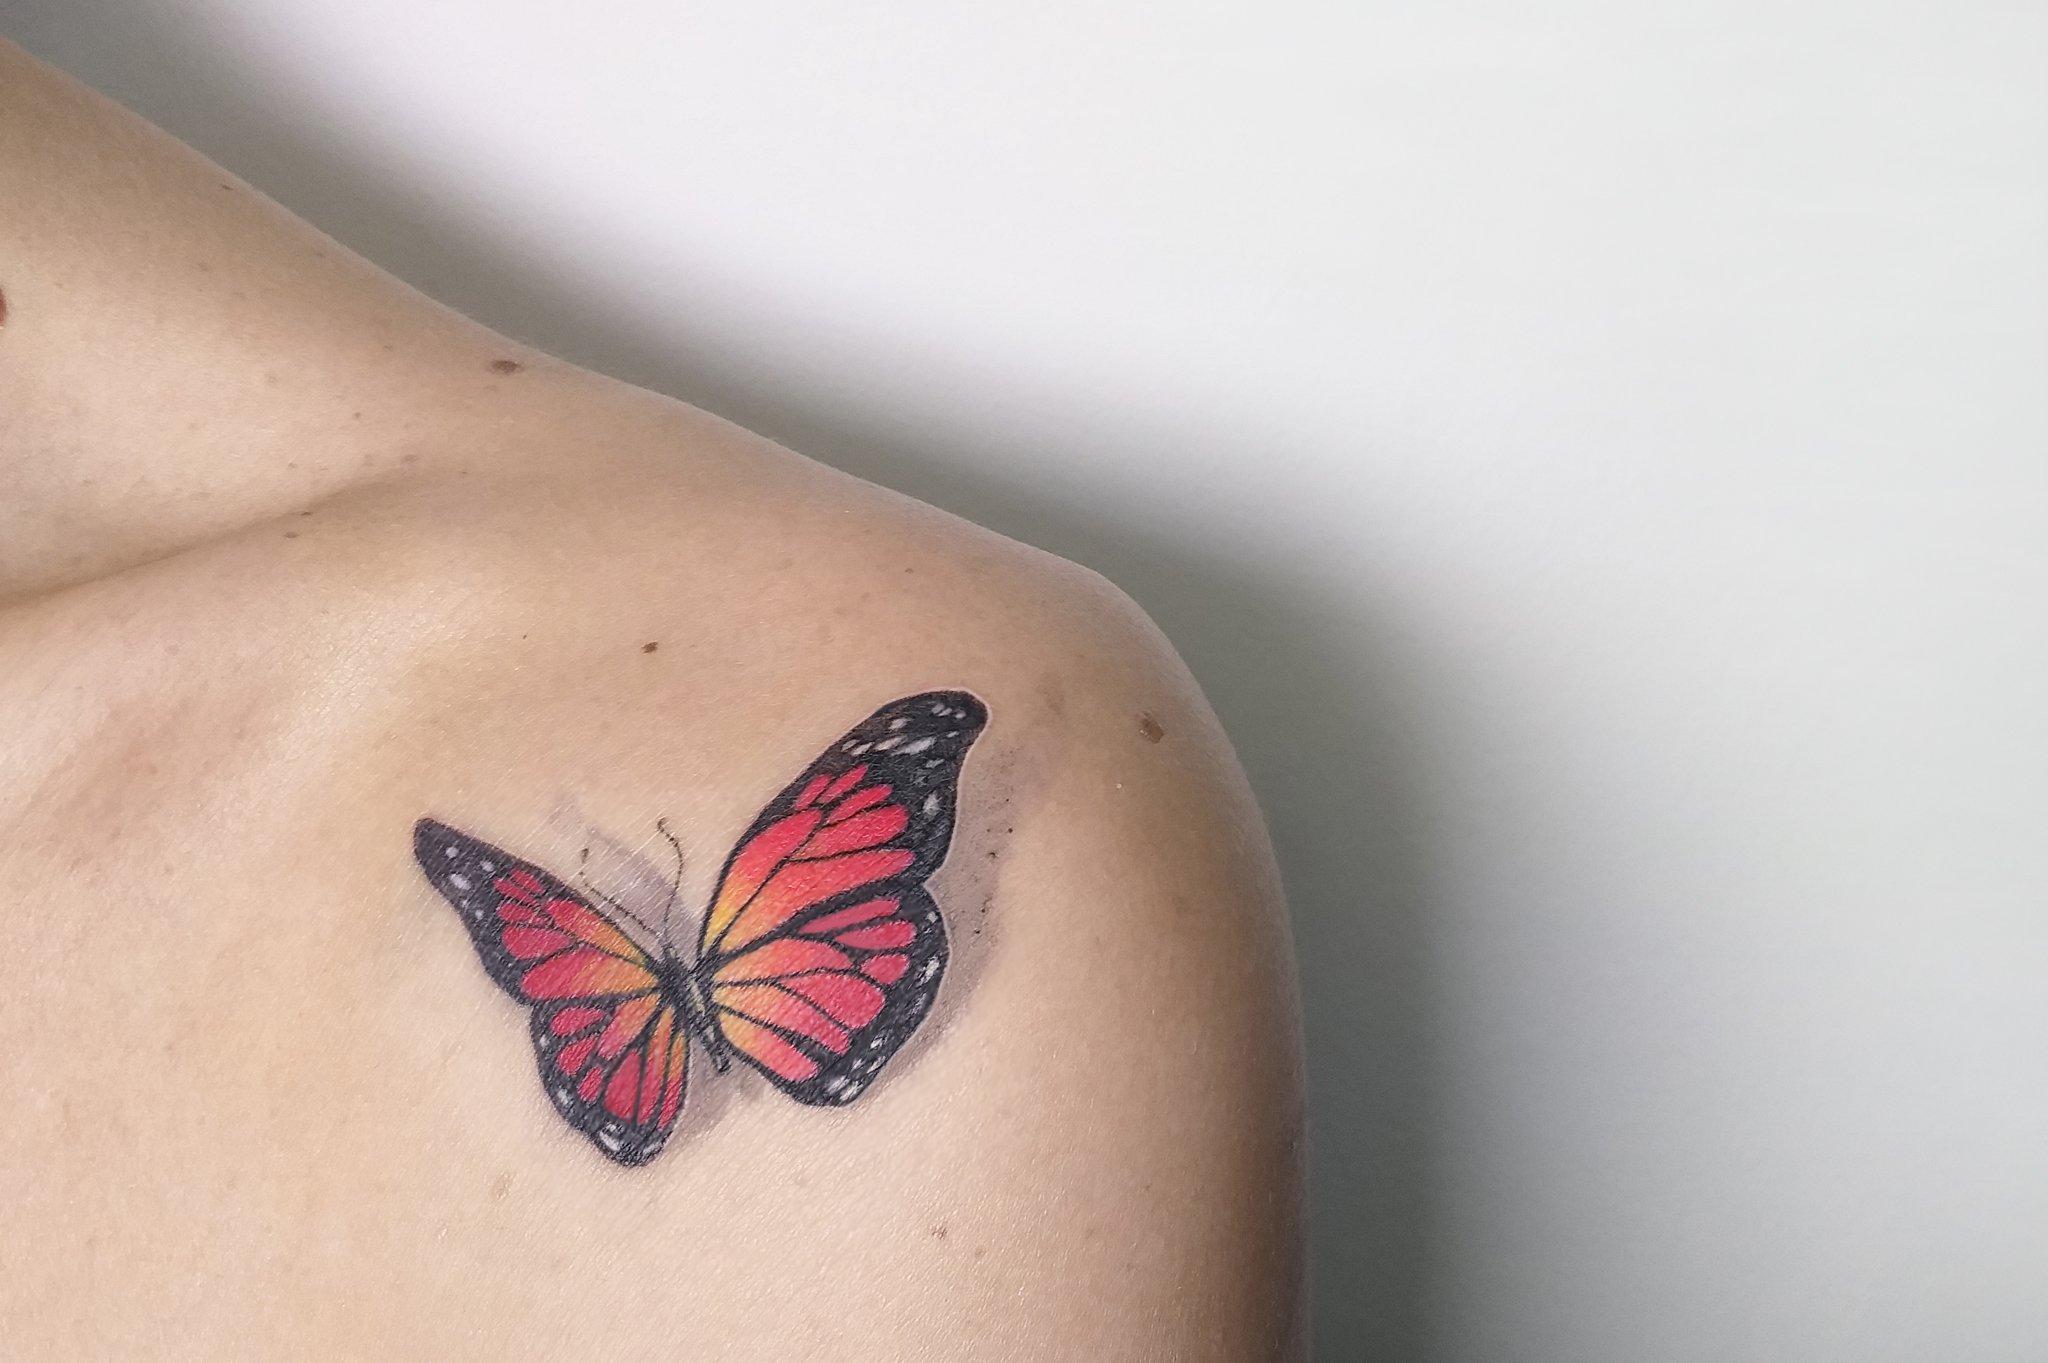 Come si cura un tatuaggio?